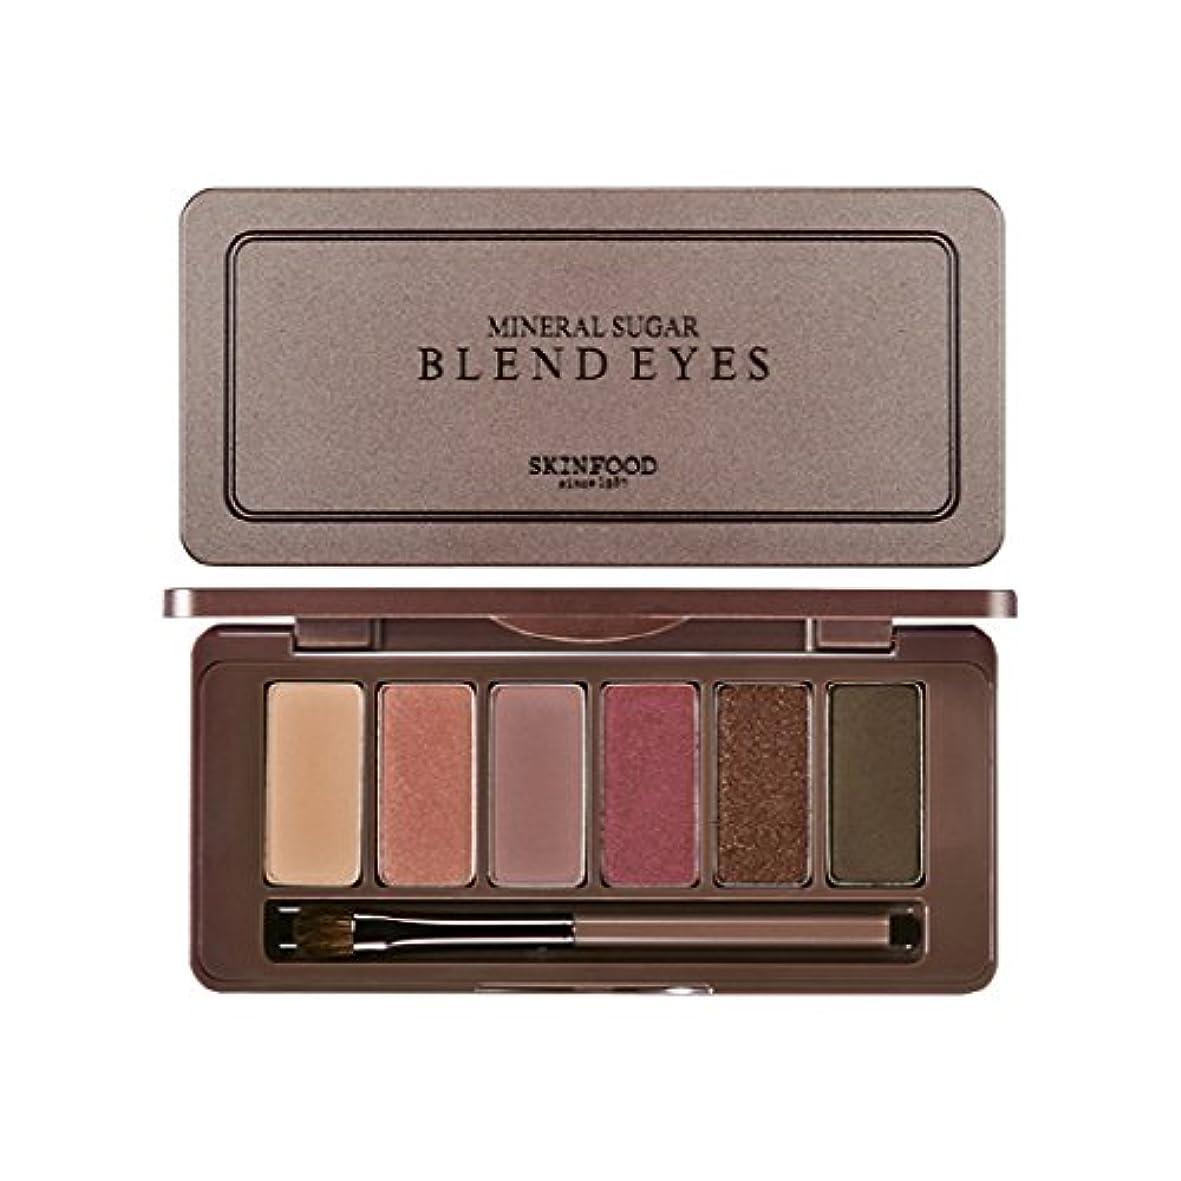 ナサニエル区アリ心臓SKINFOOD Mineral Sugar Blend Eyes/スキンフード ミネラル シュガー ブレンド アイズ (#05 Mousse Au Plum Chocolat) [並行輸入品]